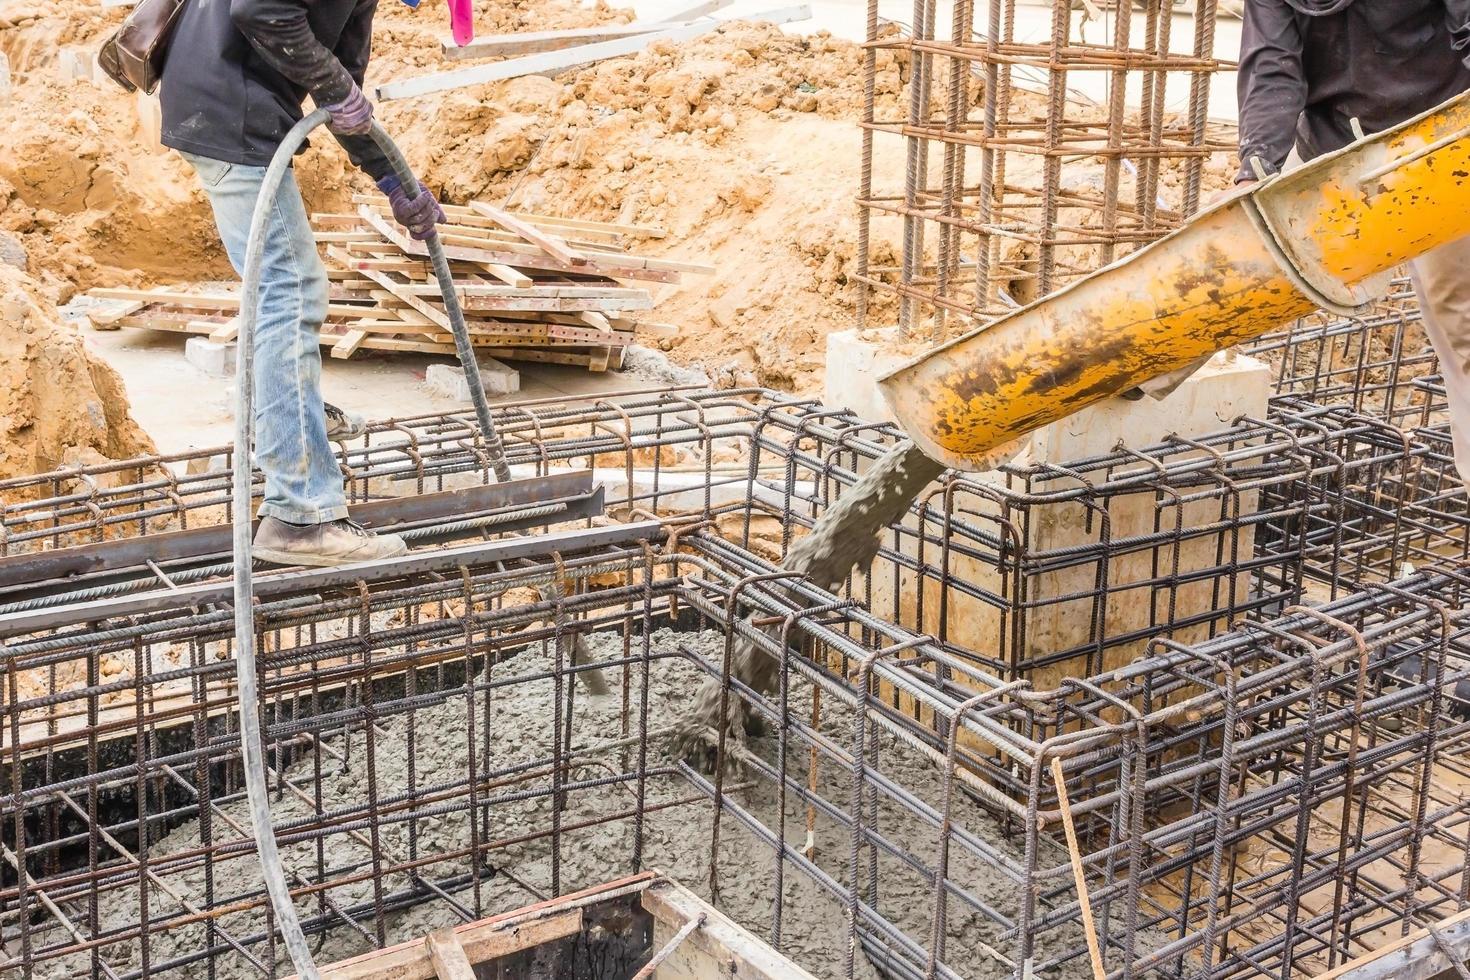 beton gieten tijdens commerciële betonnen vloeren van gebouwen in bouwplaats foto